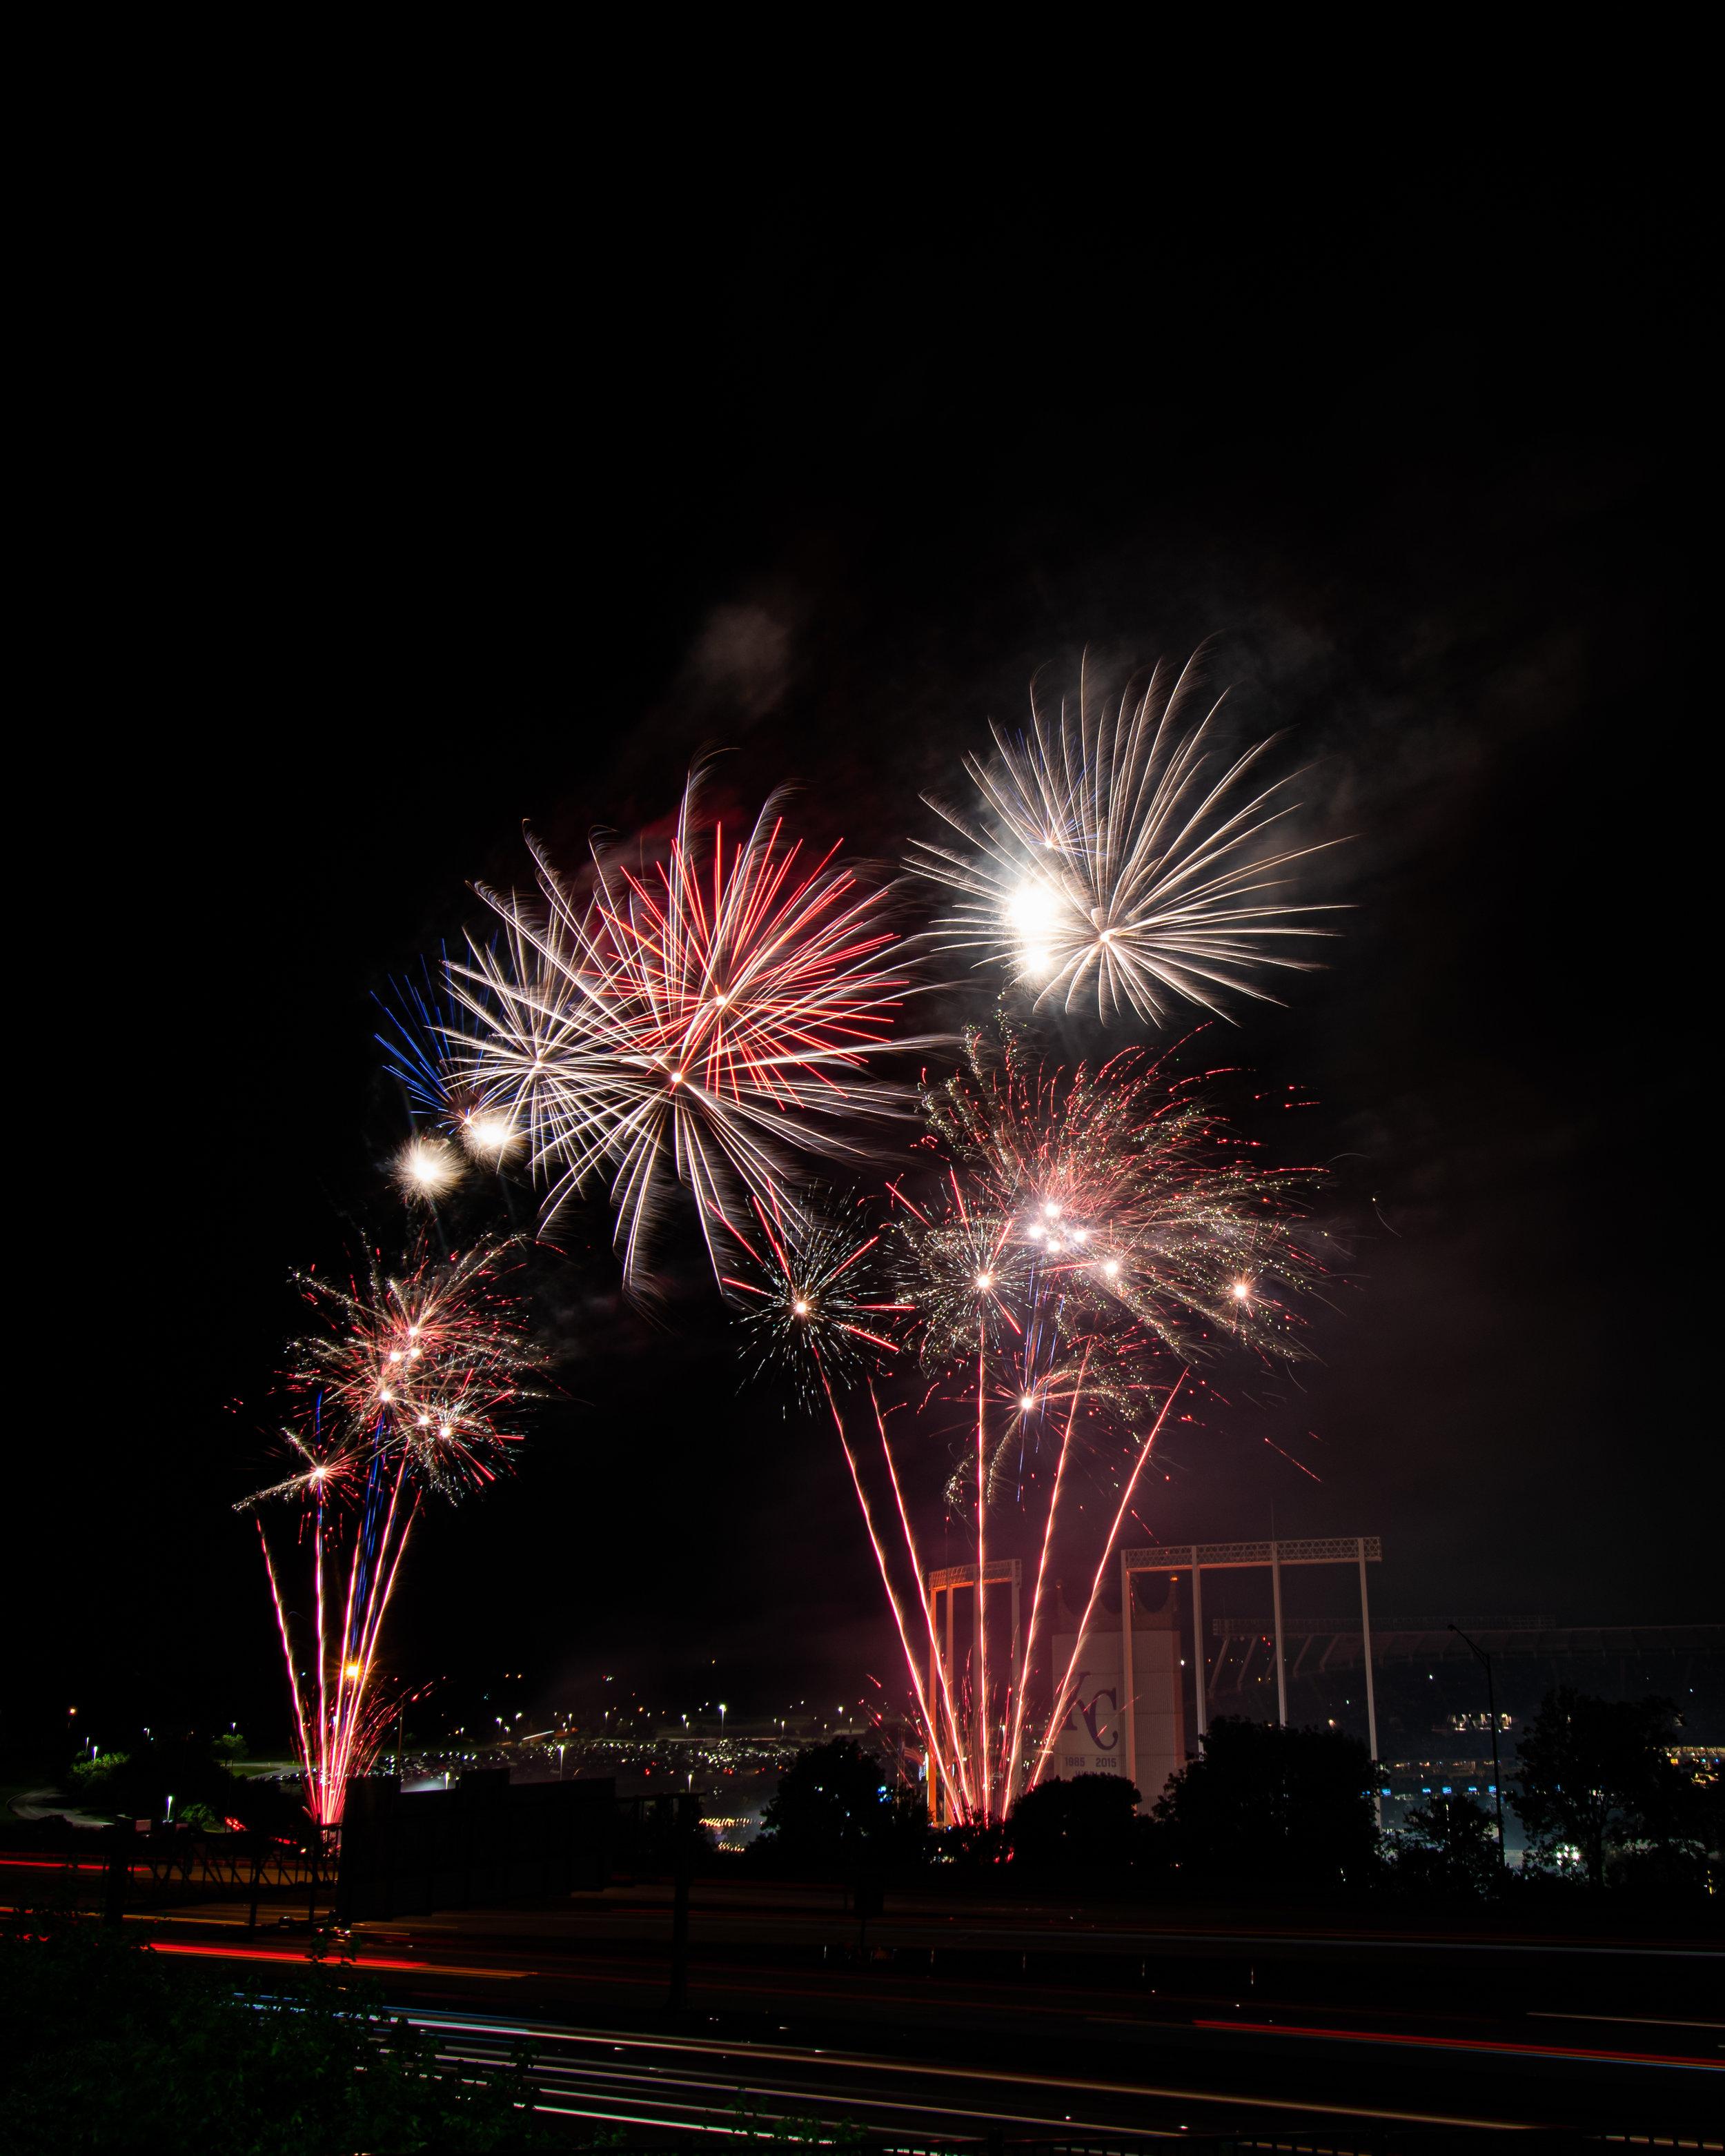 firework-friday-6-of-51_48108279311_o.jpg